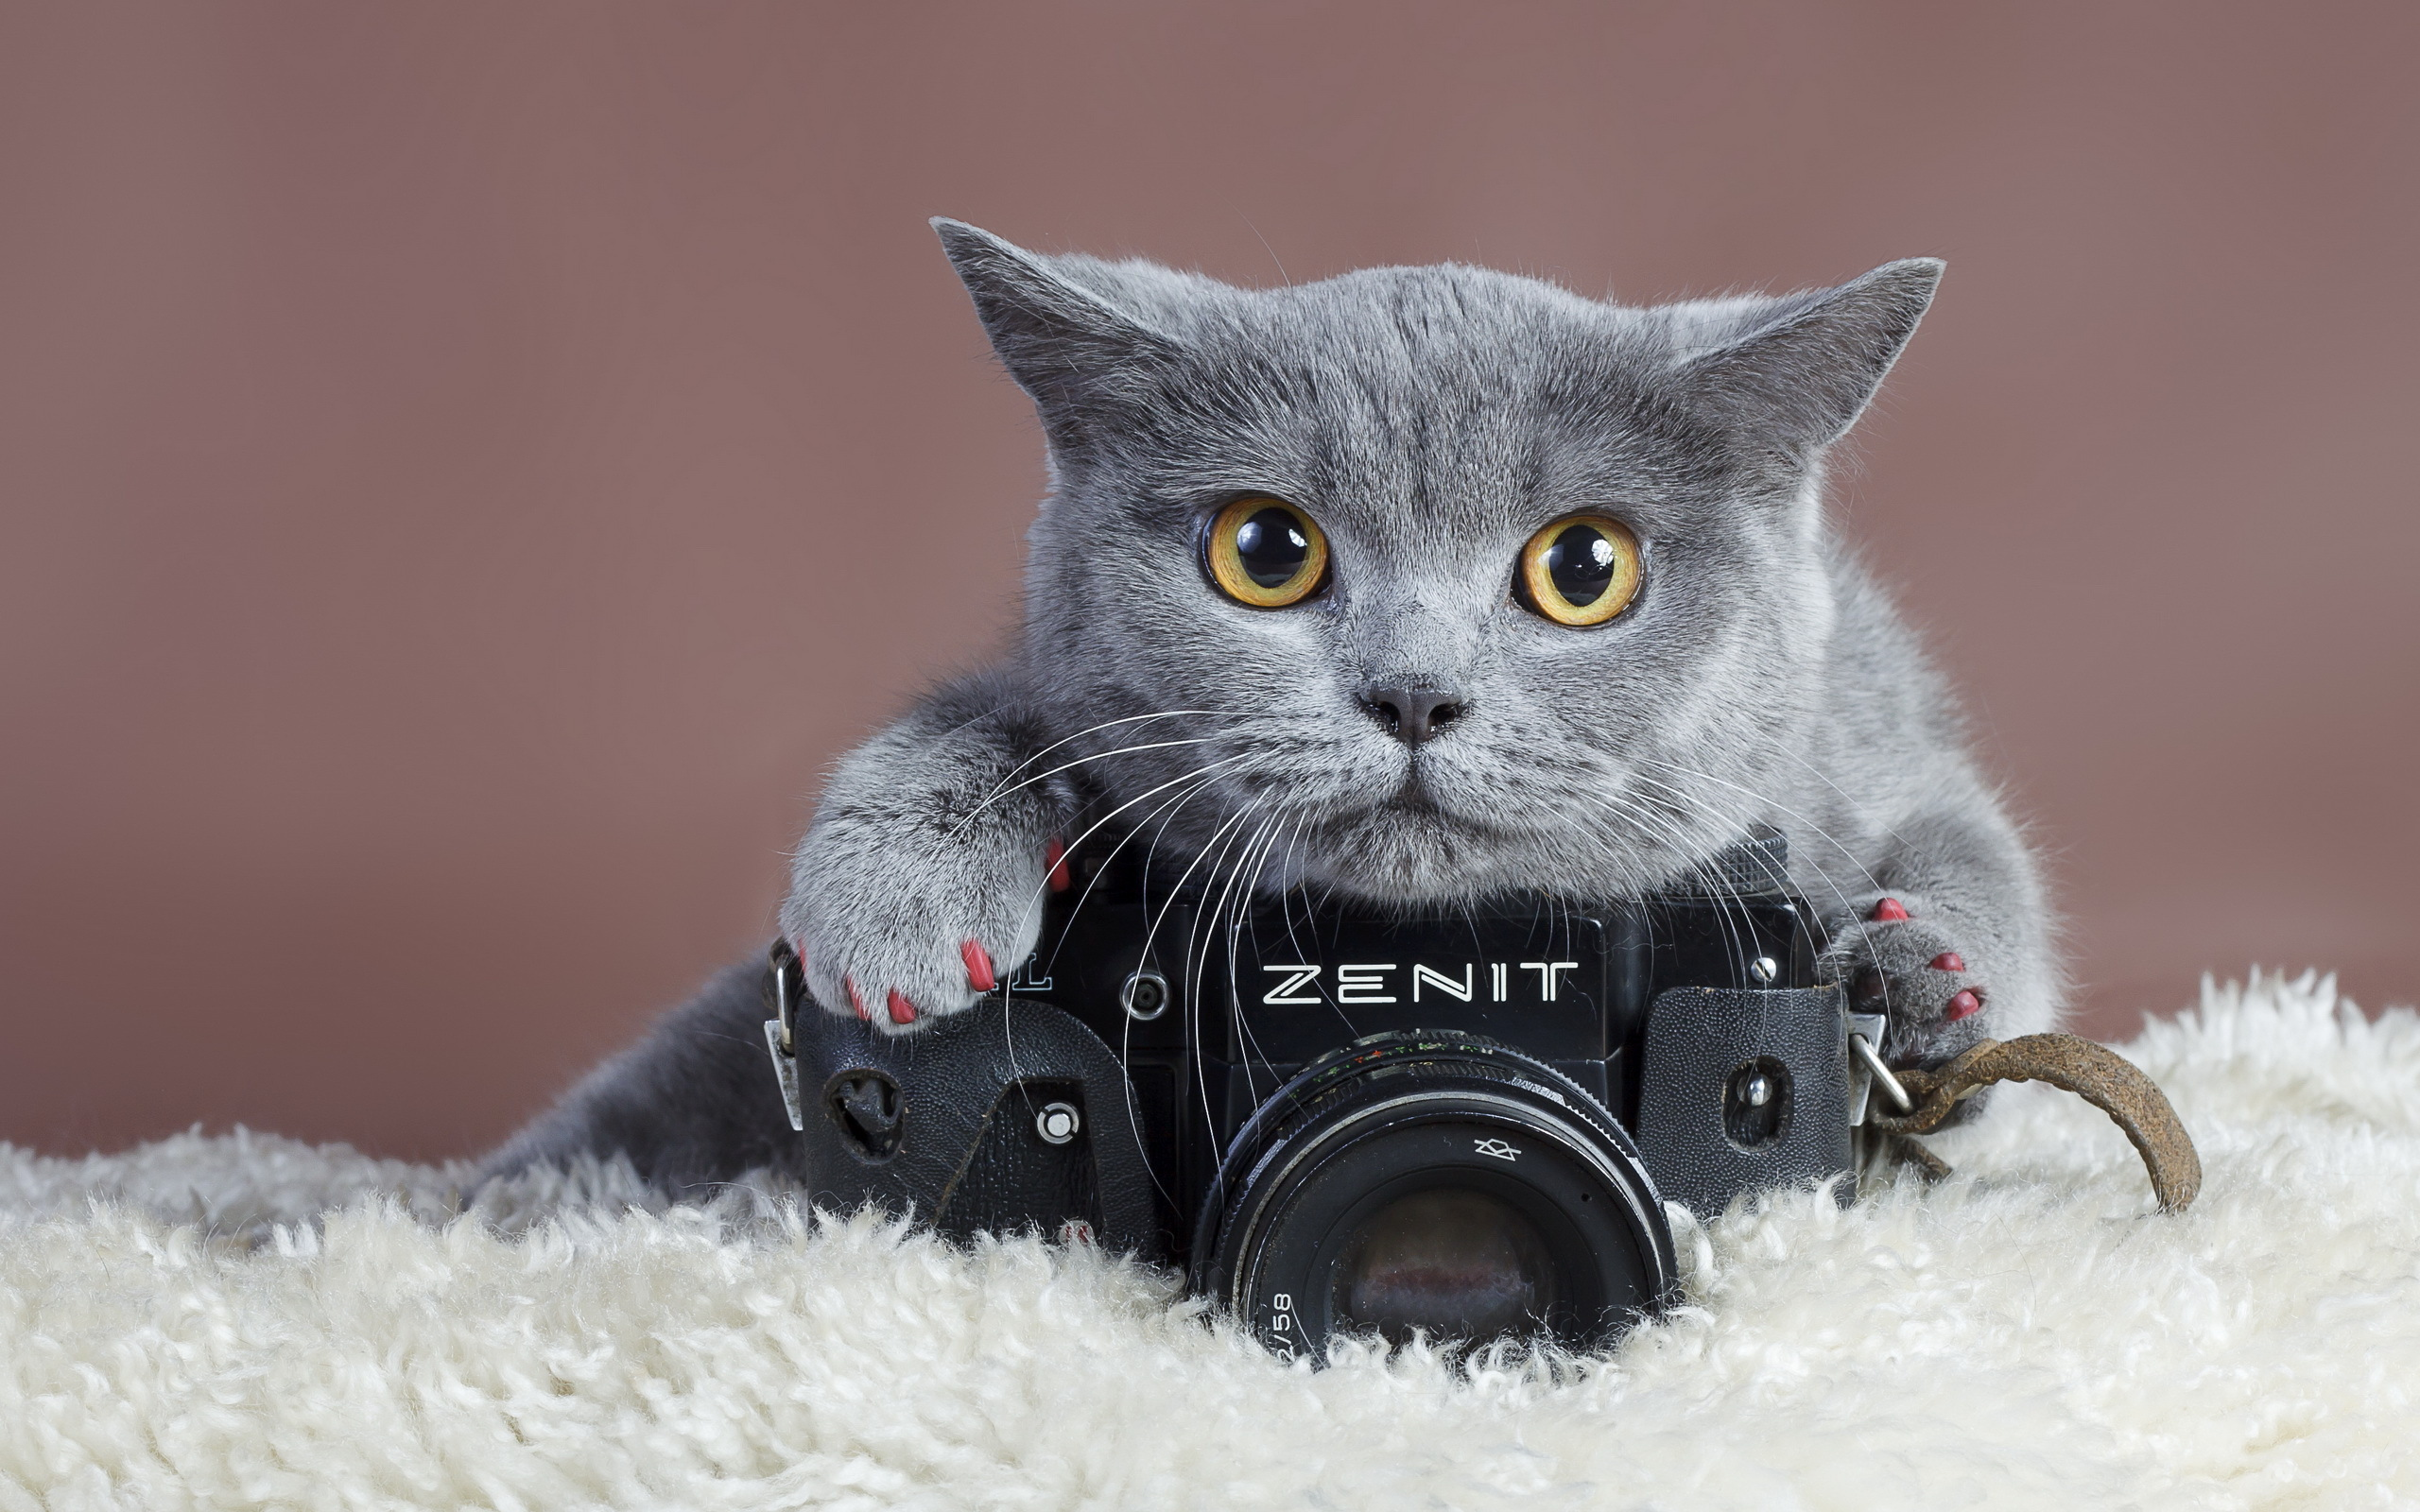 Прикольные картинки с кошками на аву